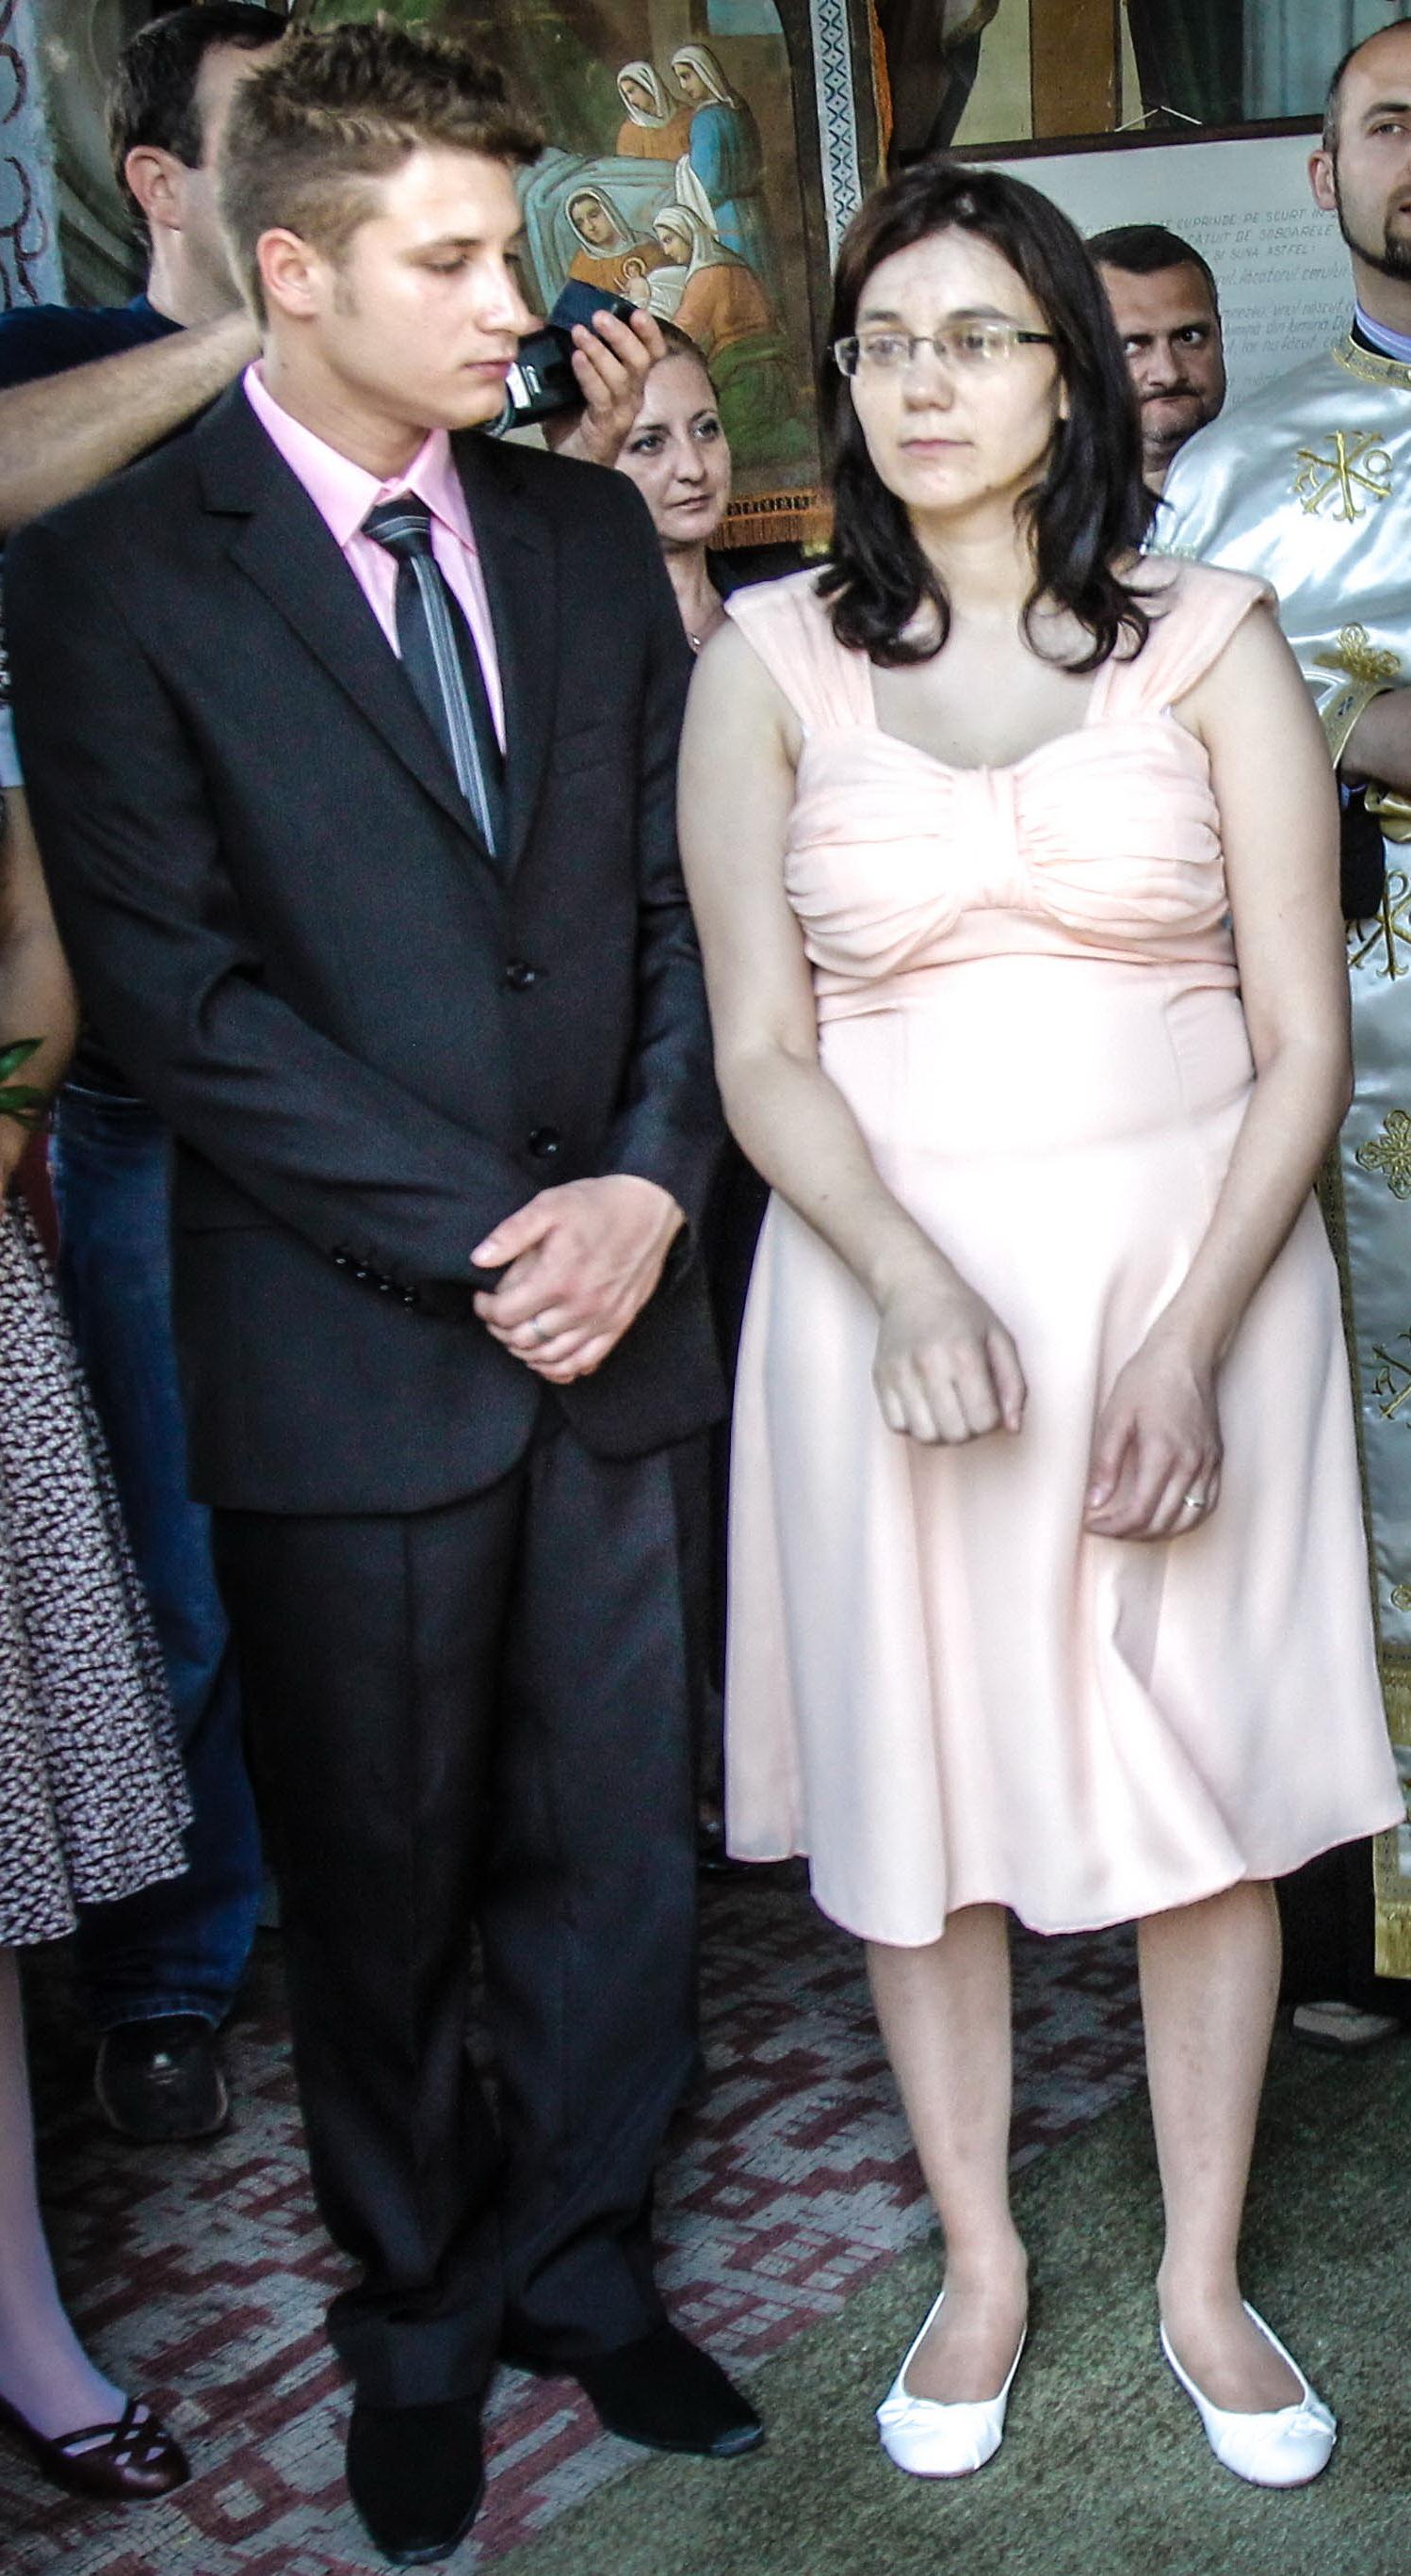 Stela Visan-Ciobotea s-a casatorit in 2012 cu iubitul ei, Constantin, cei doi devenind intre timp parinti